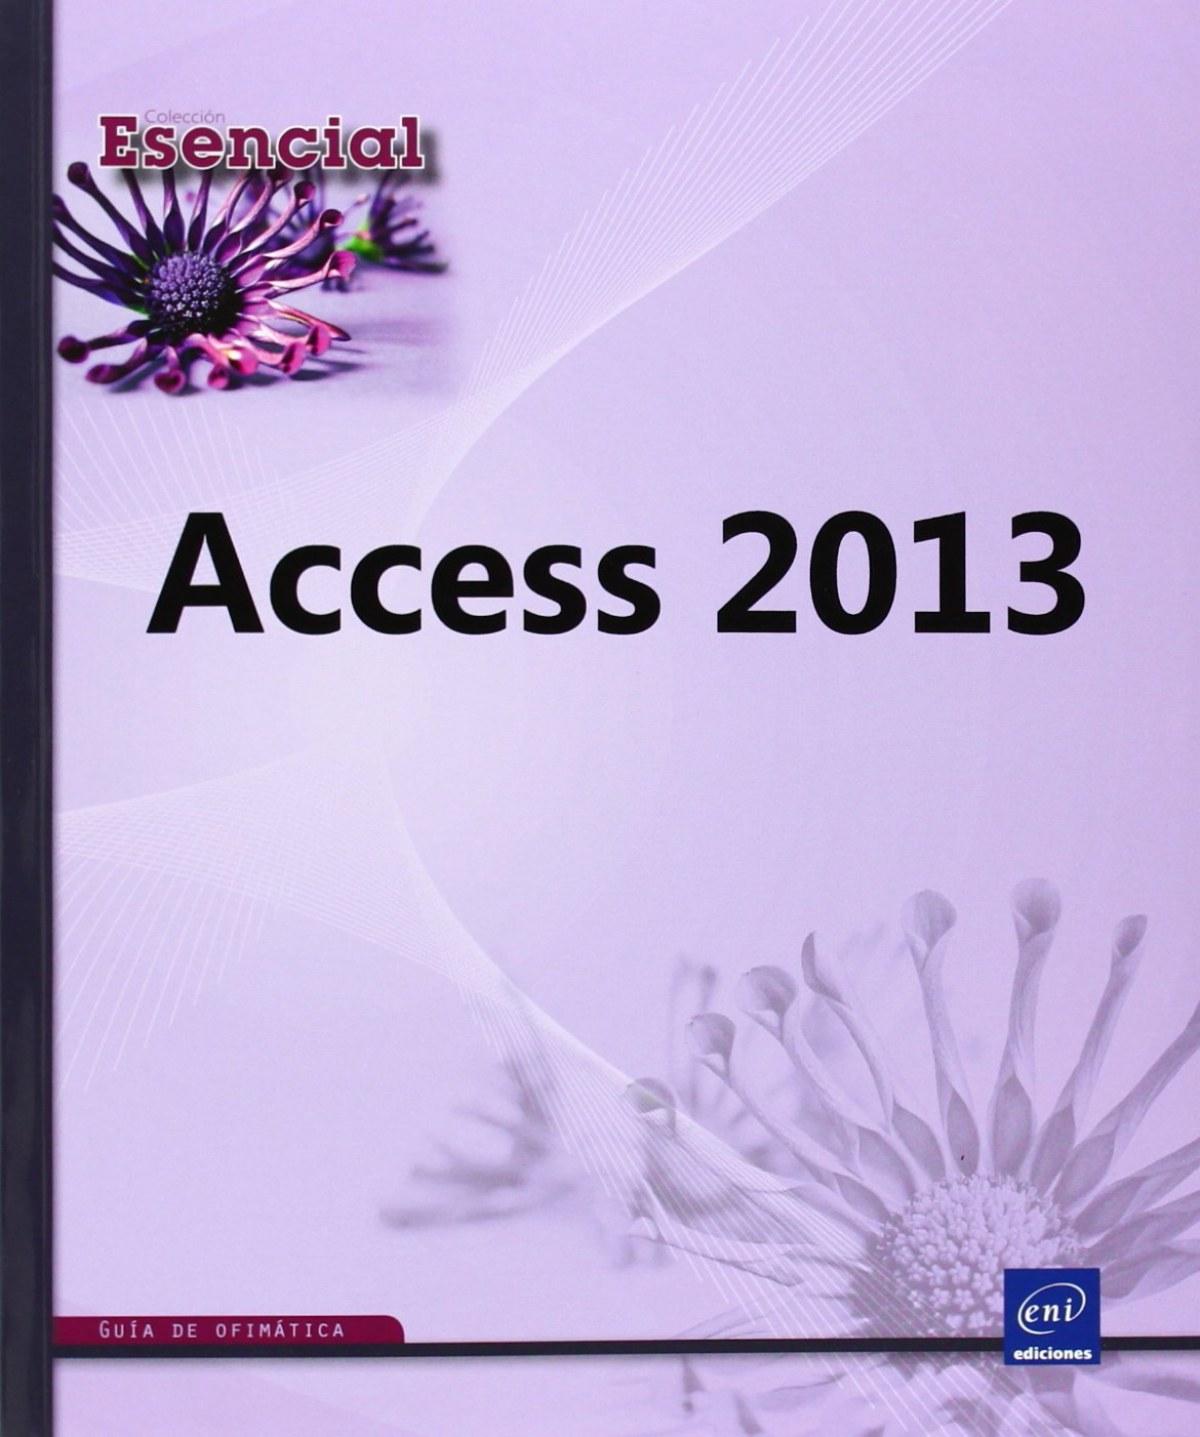 Esencial Access 2013